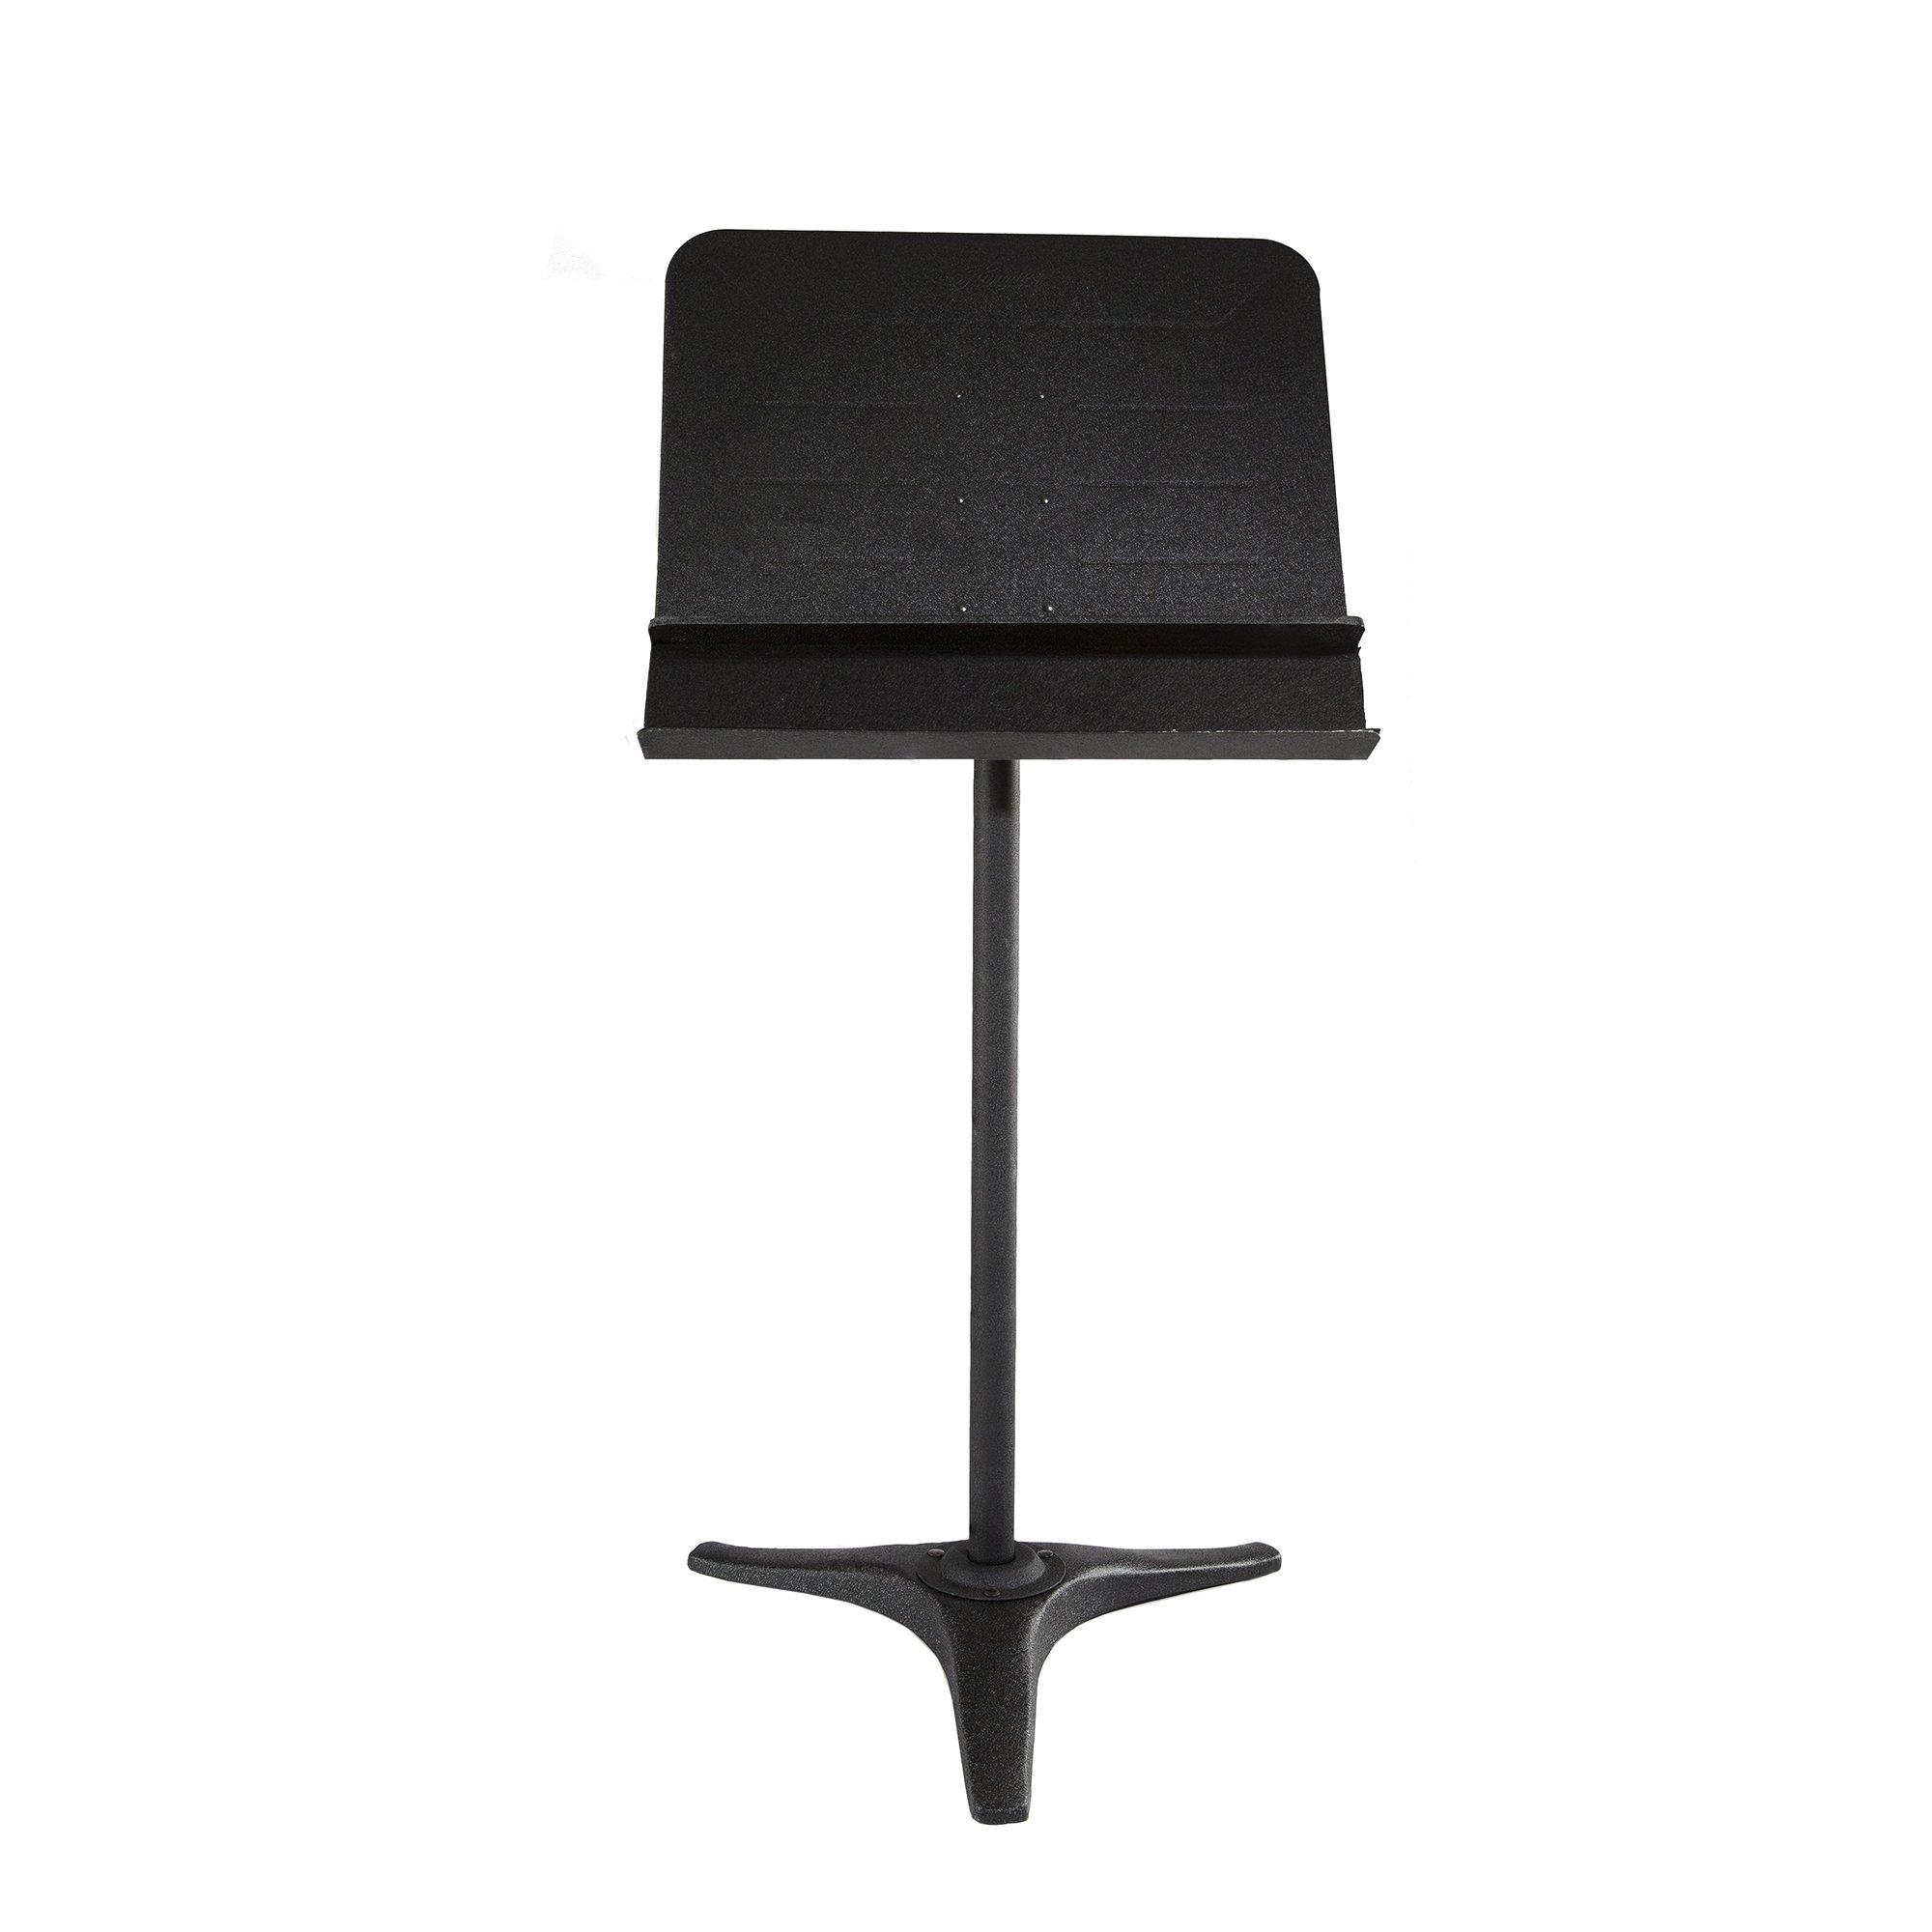 Hamilton KB1FS The Trigger Double Shelf Desk Orchestra Stand